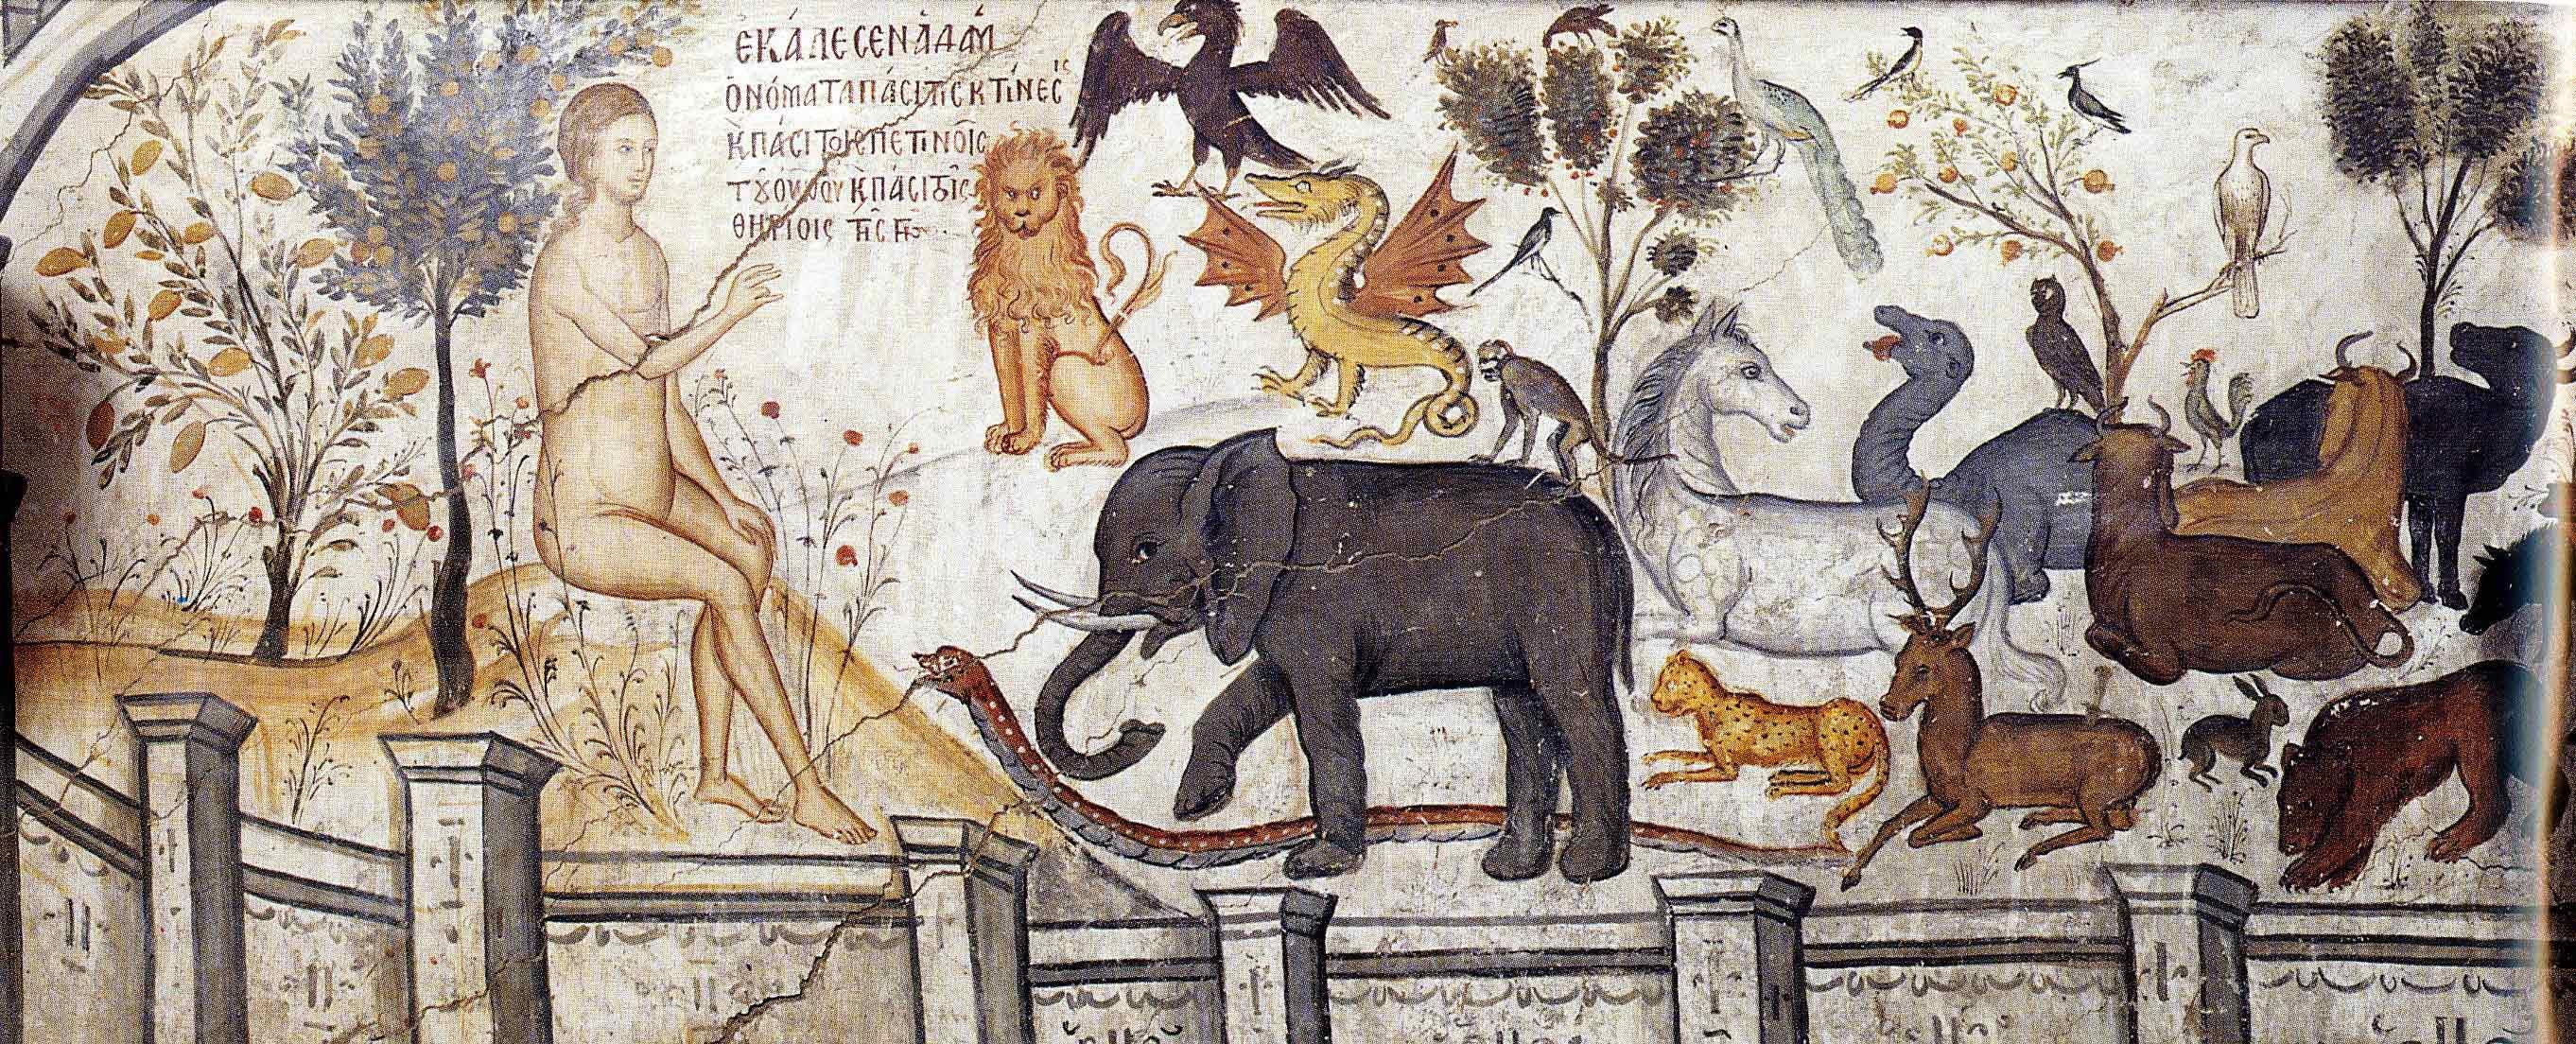 Адам даёт названия животным (фреска монастыря св. Николая Анапавсаса, Метеоры, Греция).